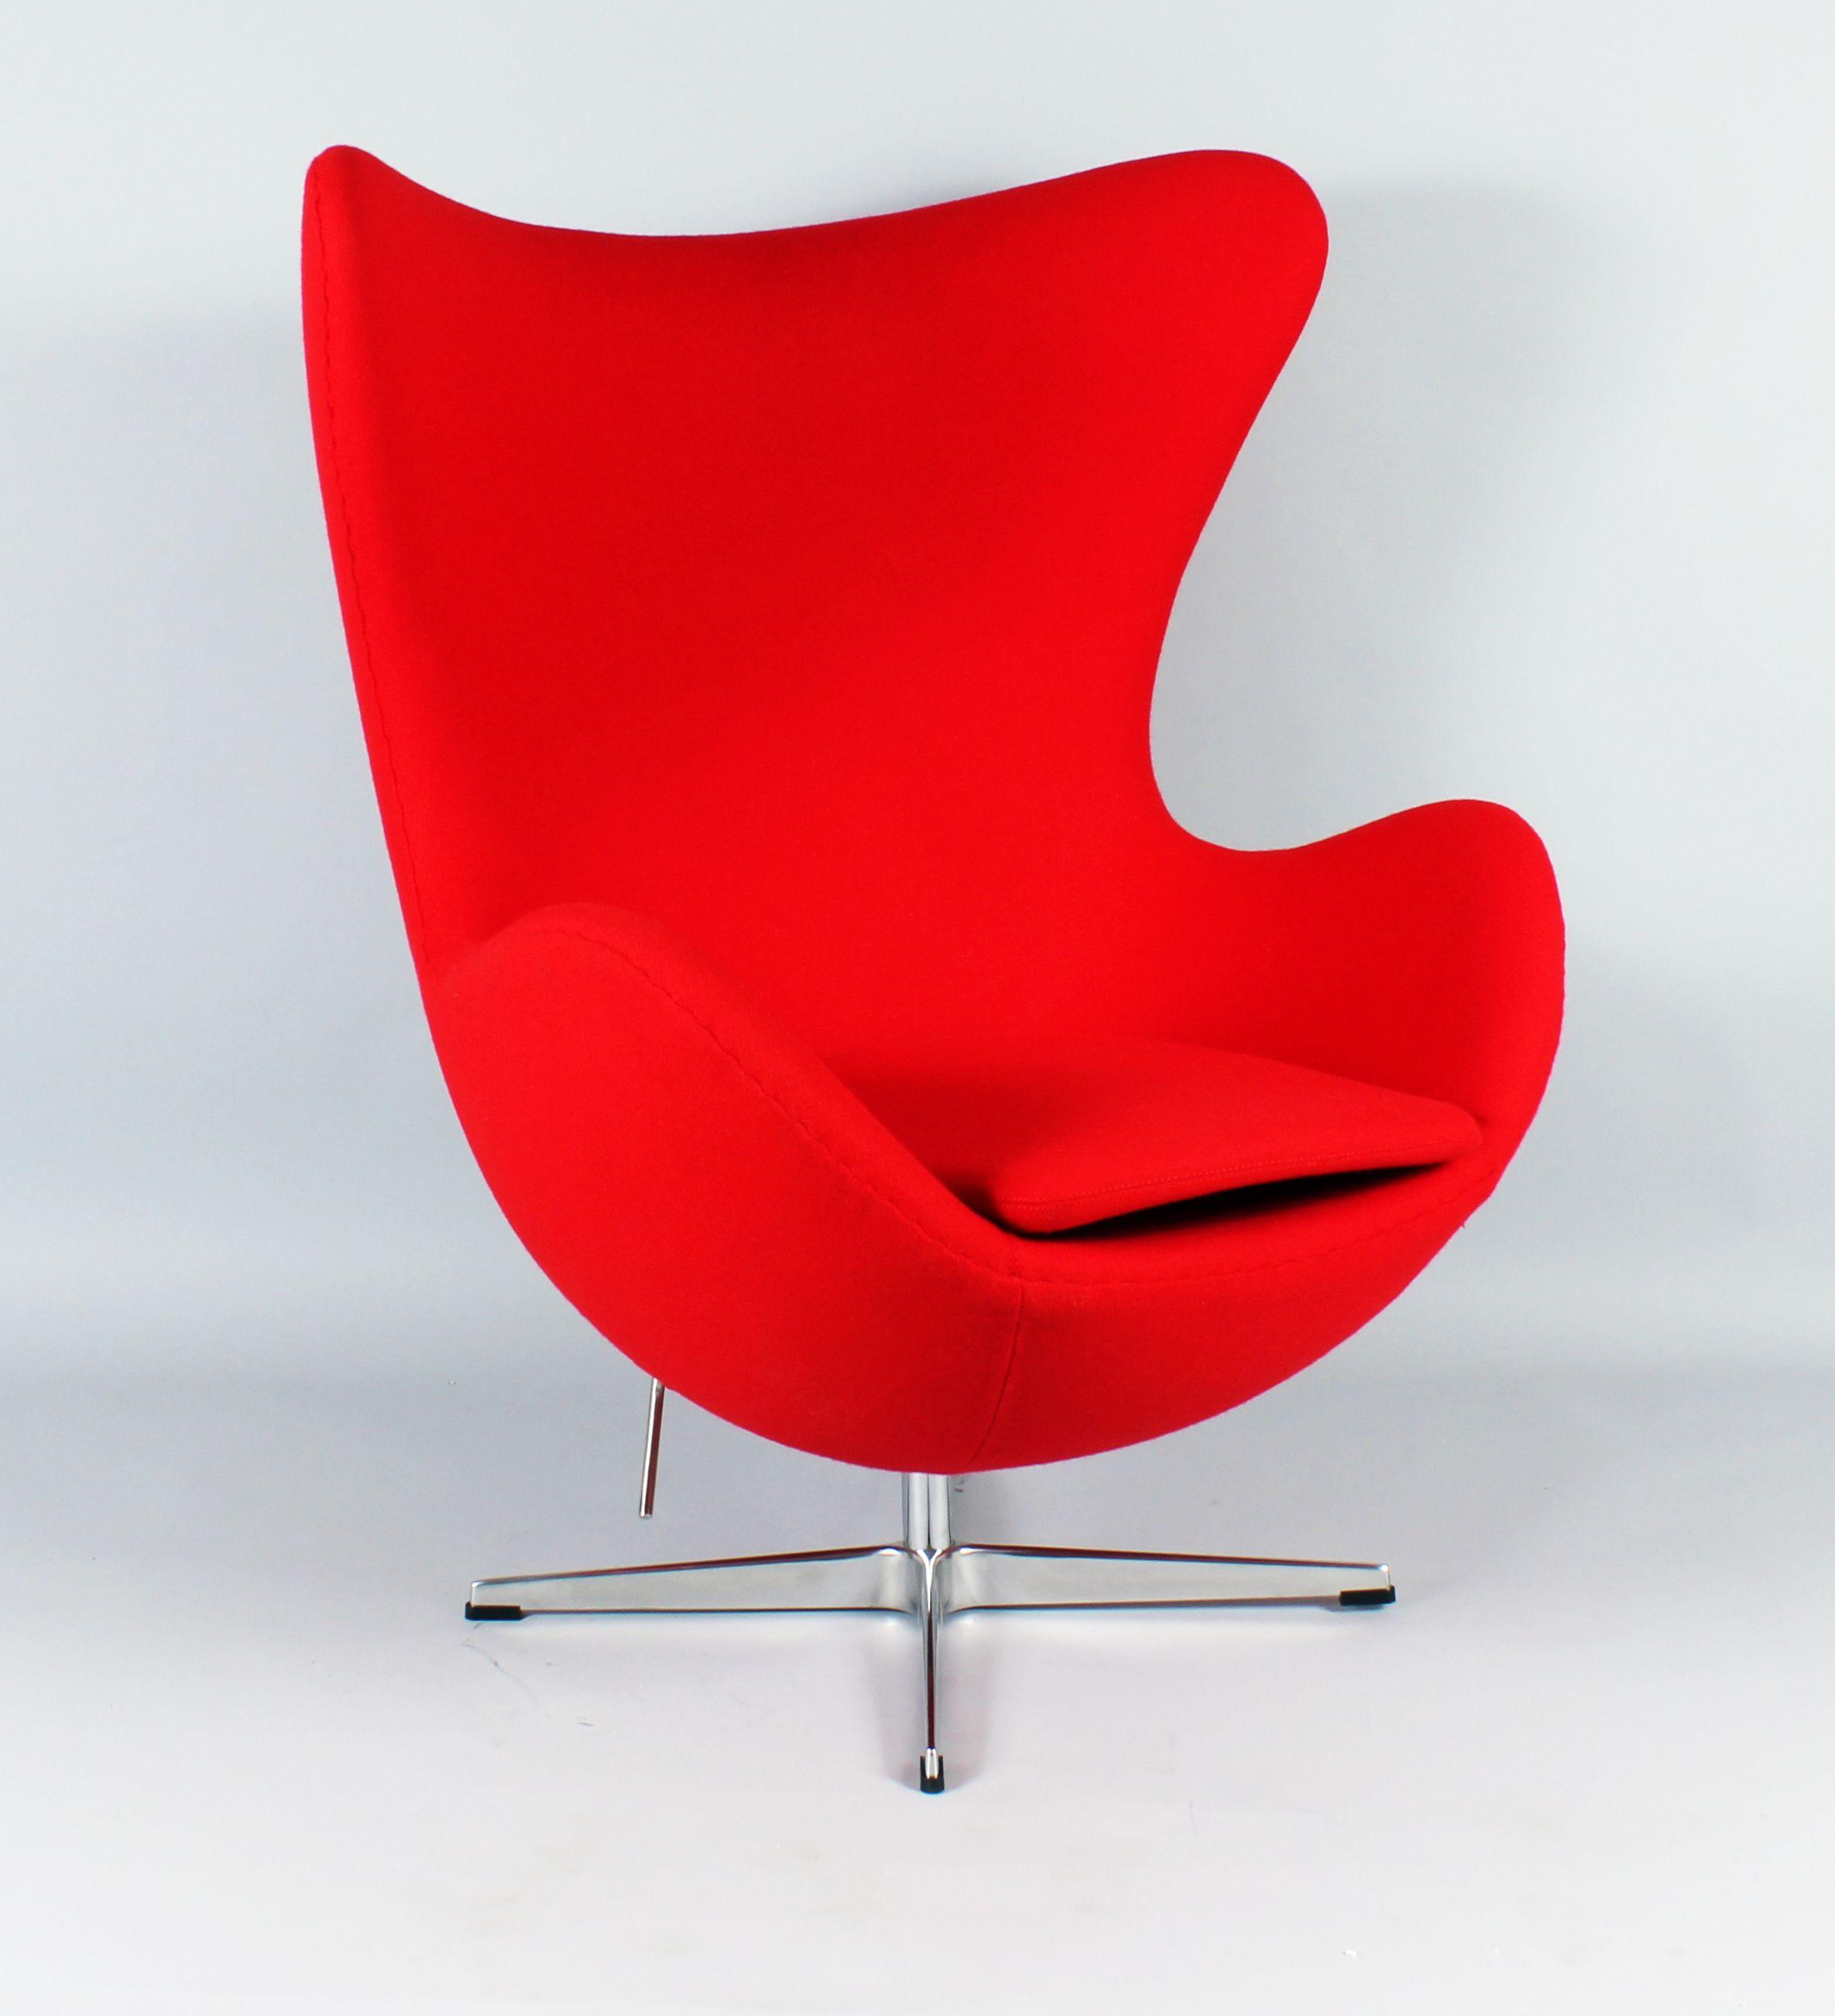 Egg chair Egg chair, Arne jacobsen egg chair, Chair